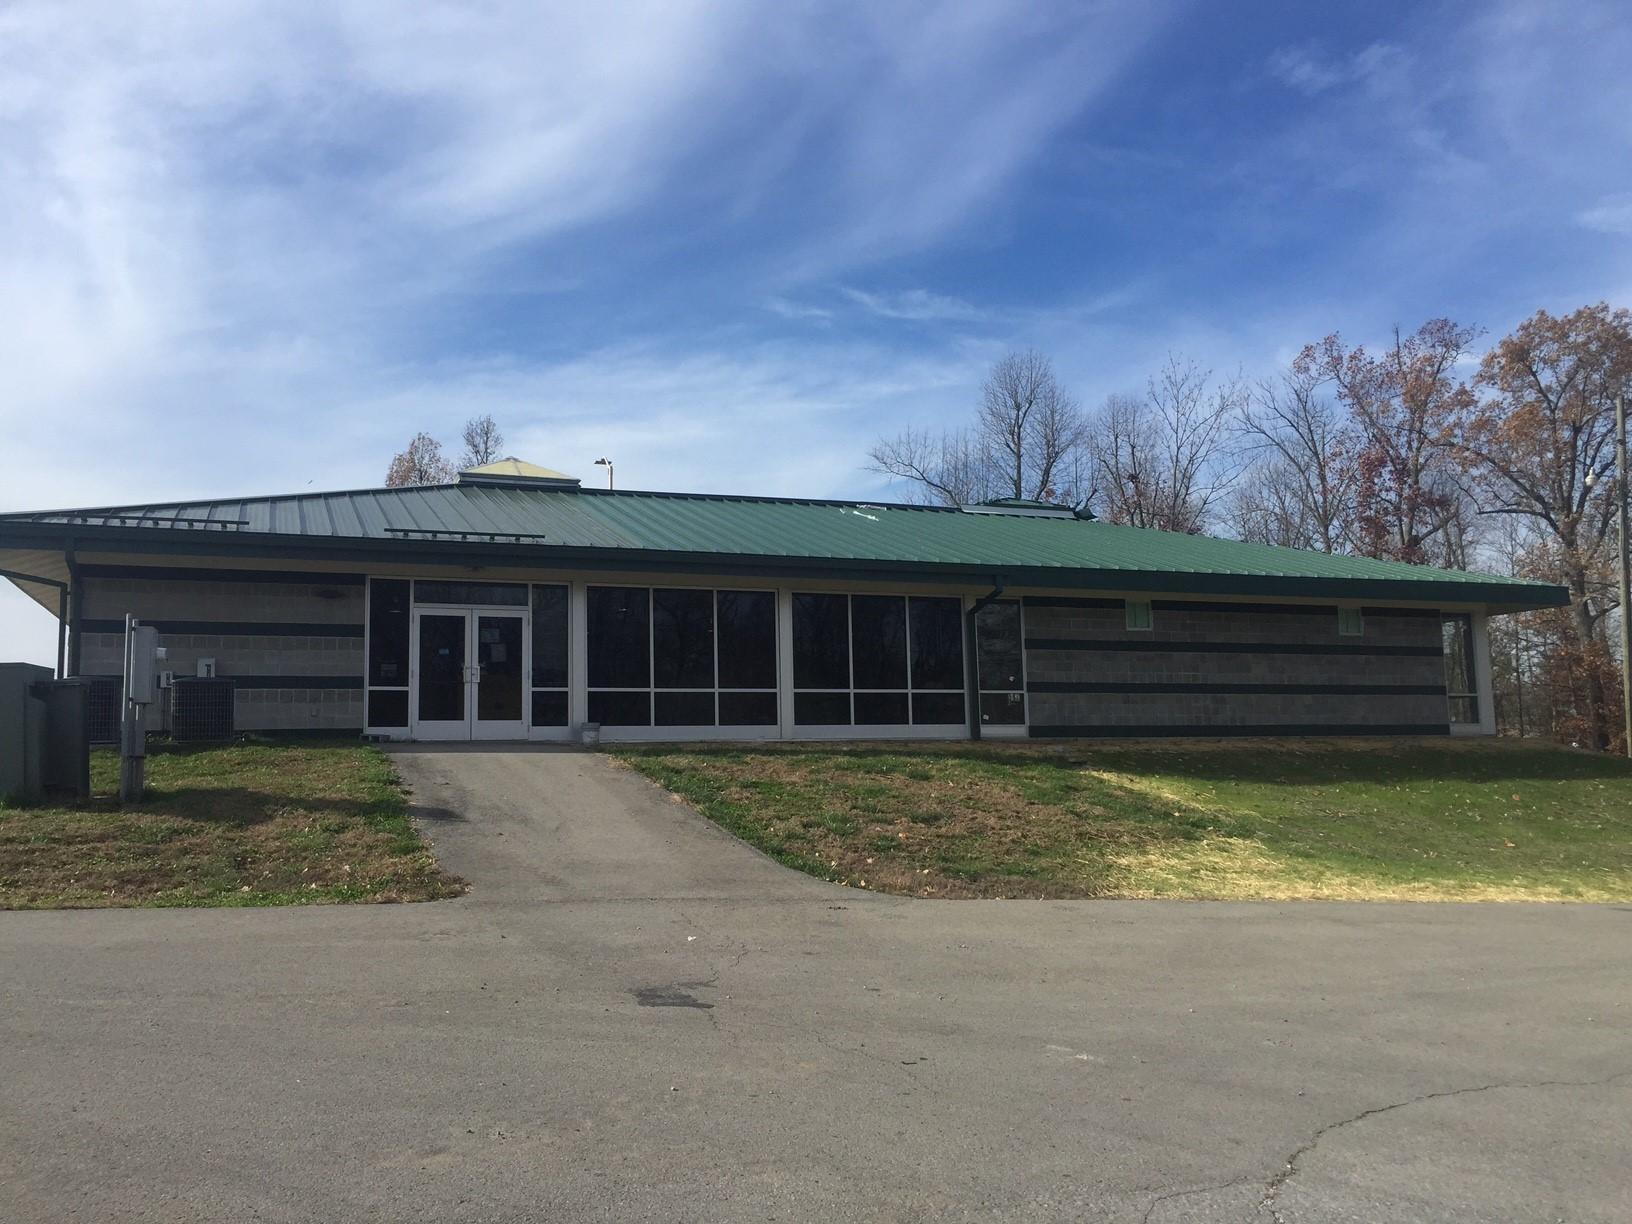 Wendell H Ford Regional Training Center